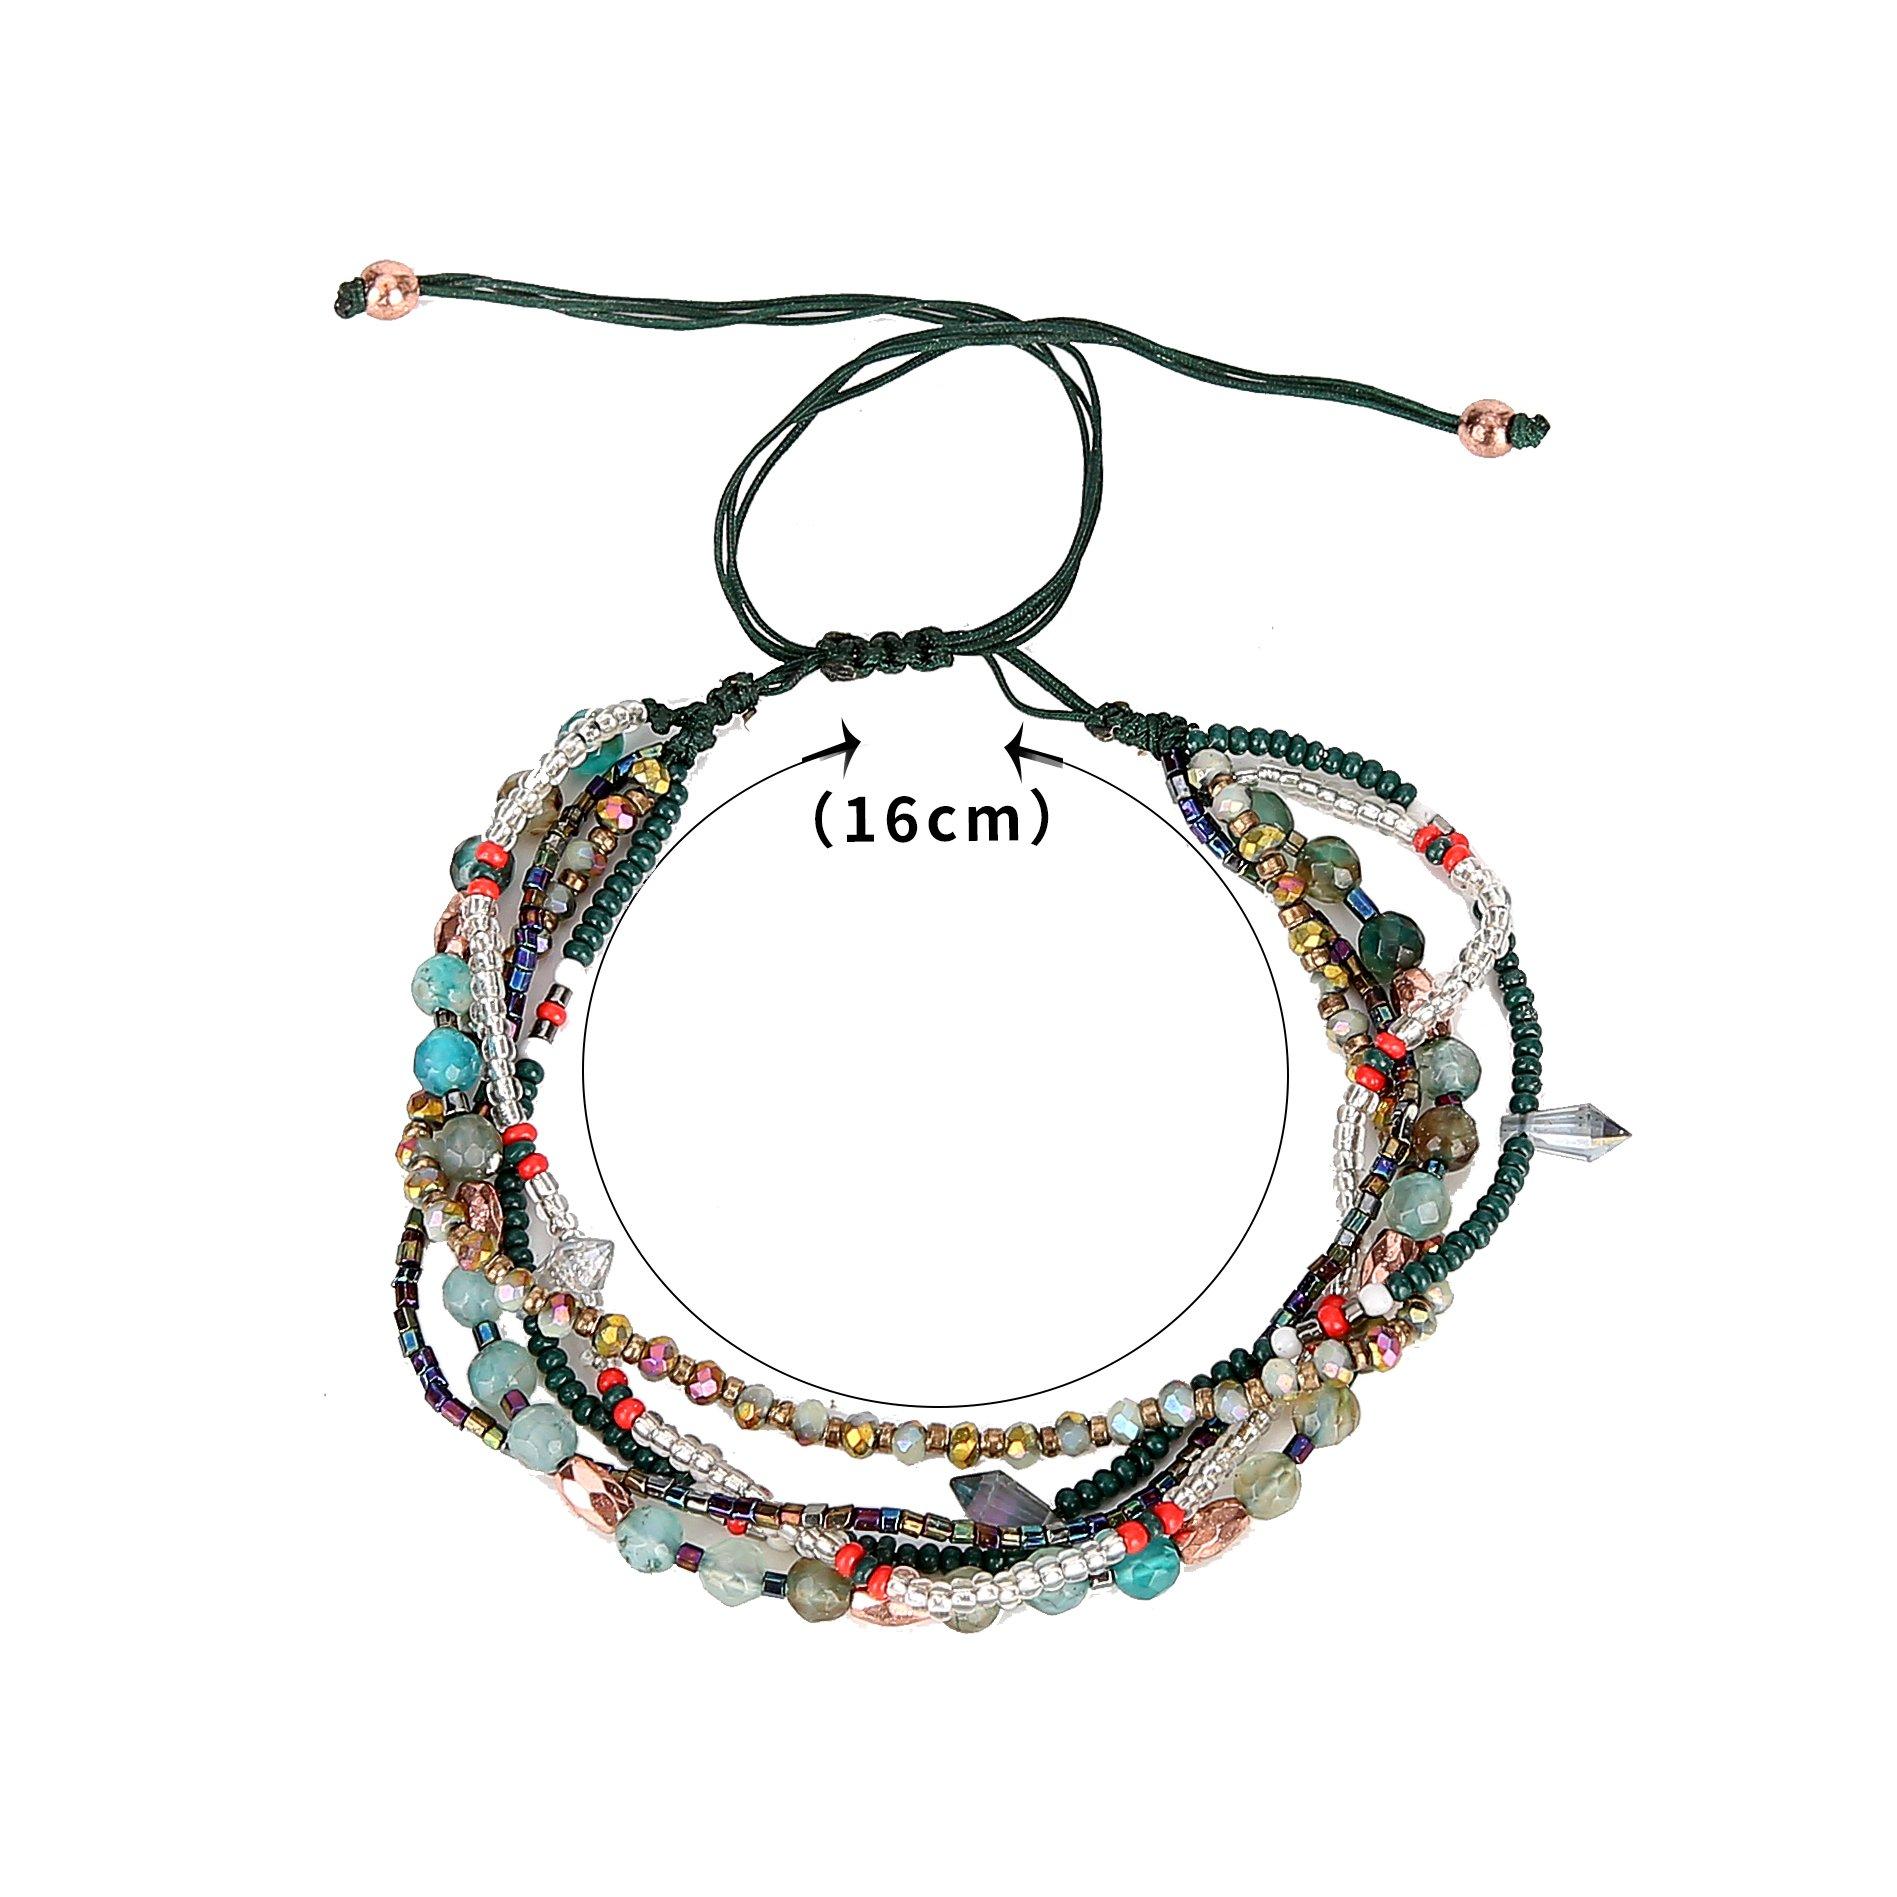 Joya Gift Adjustable Wrap Bracelet Bohemian Braided Beads Summer Beach Anklet for Women Girls by Joya Gift (Image #6)